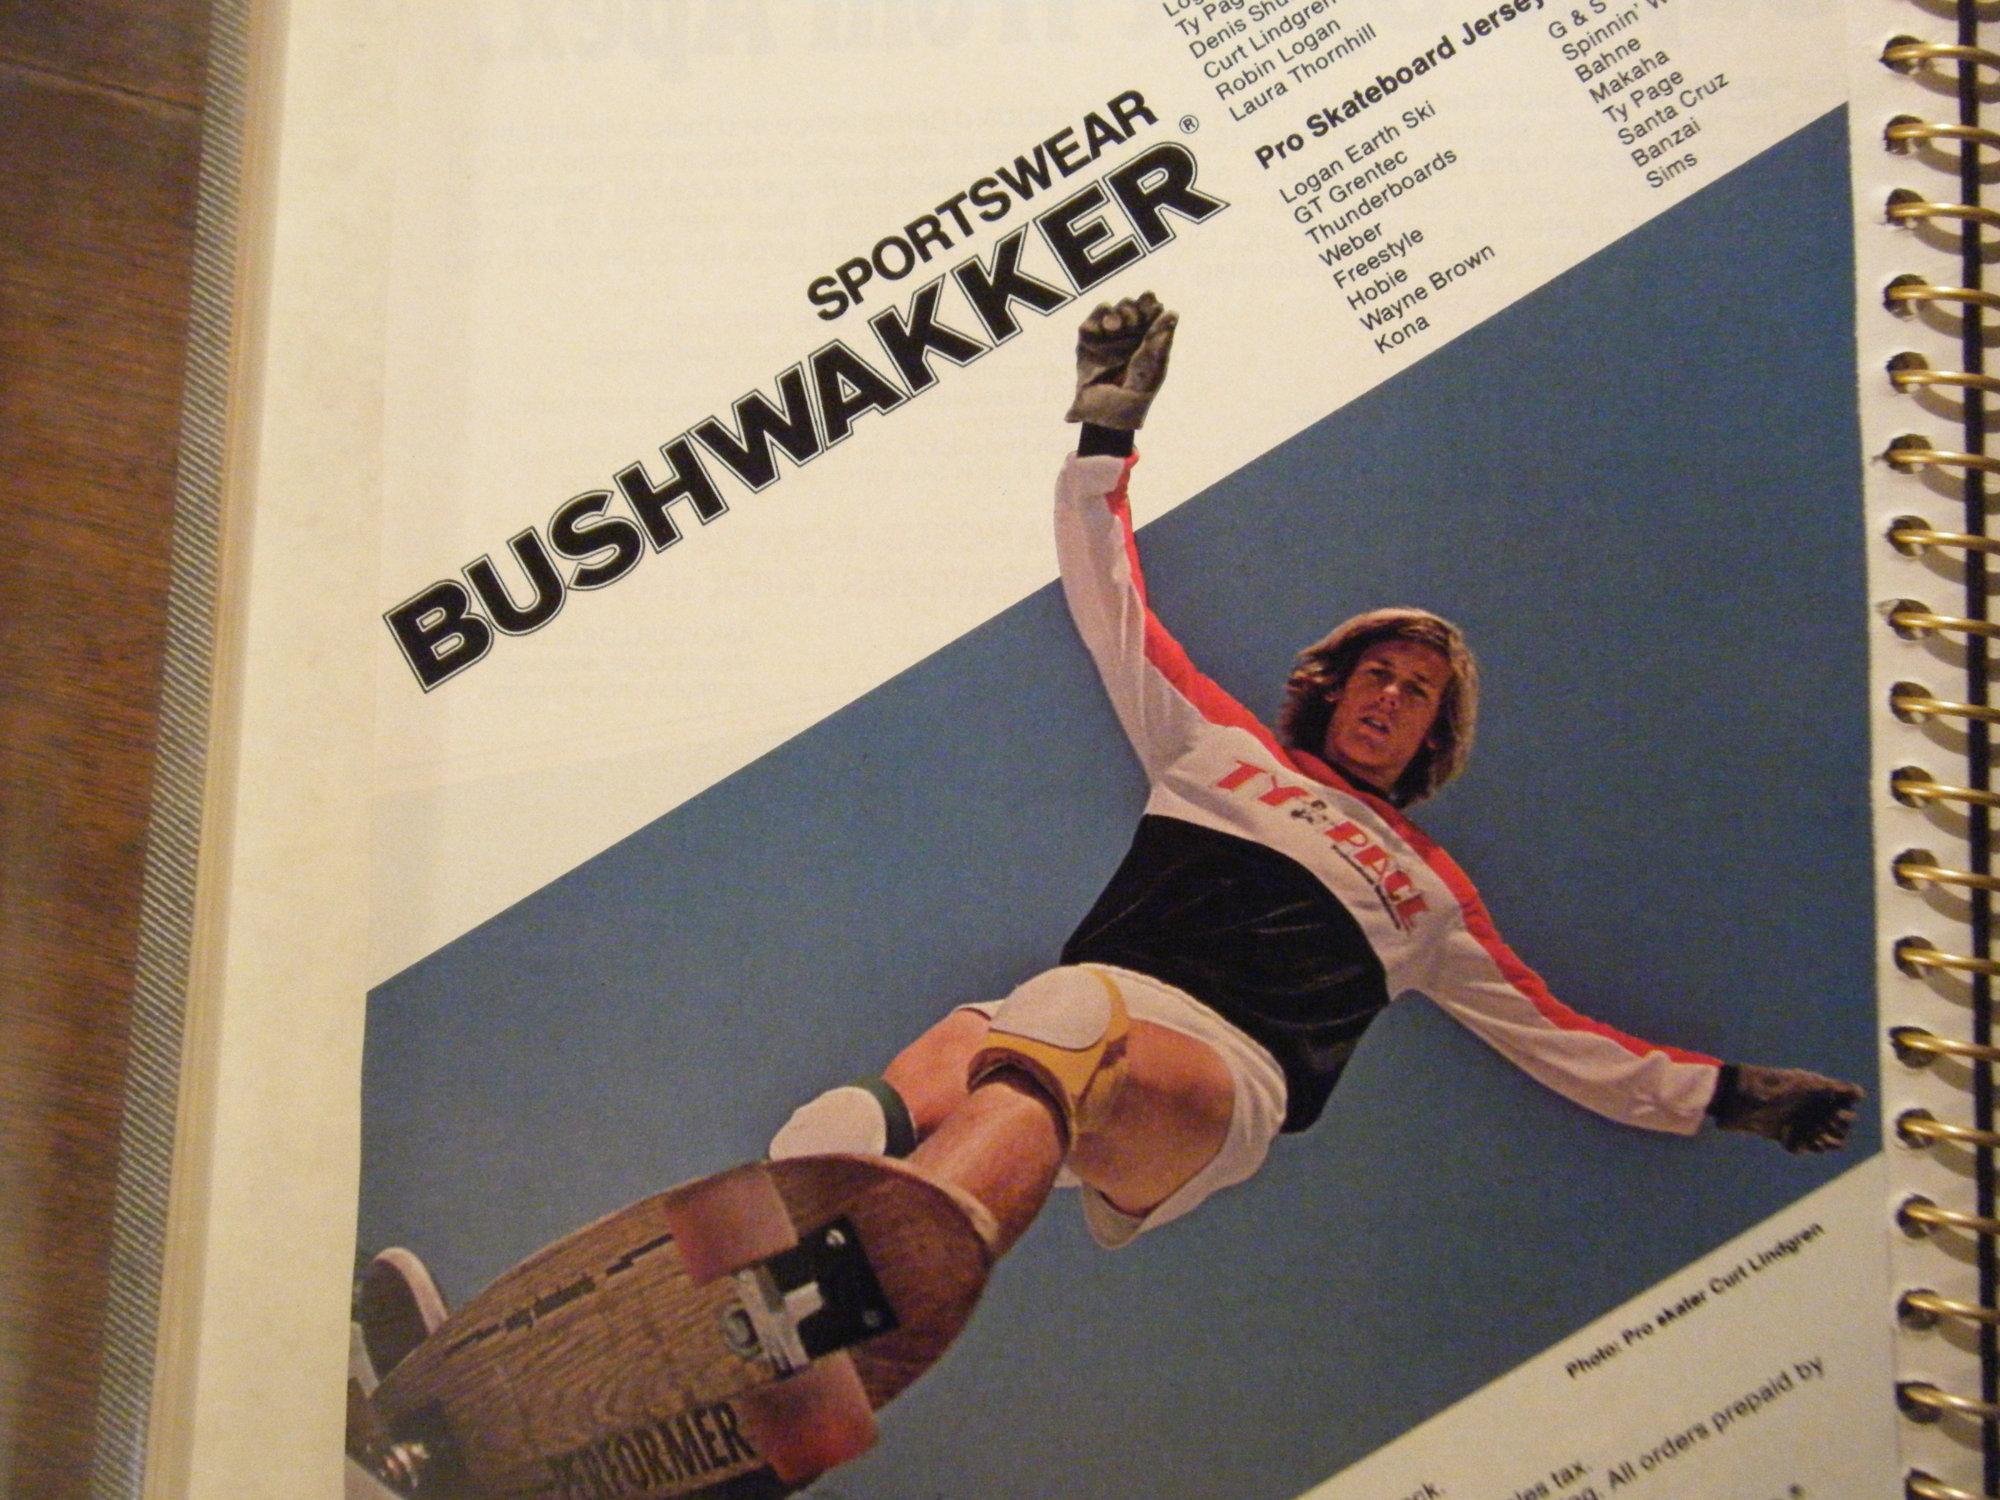 Bushwacker 003.JPG